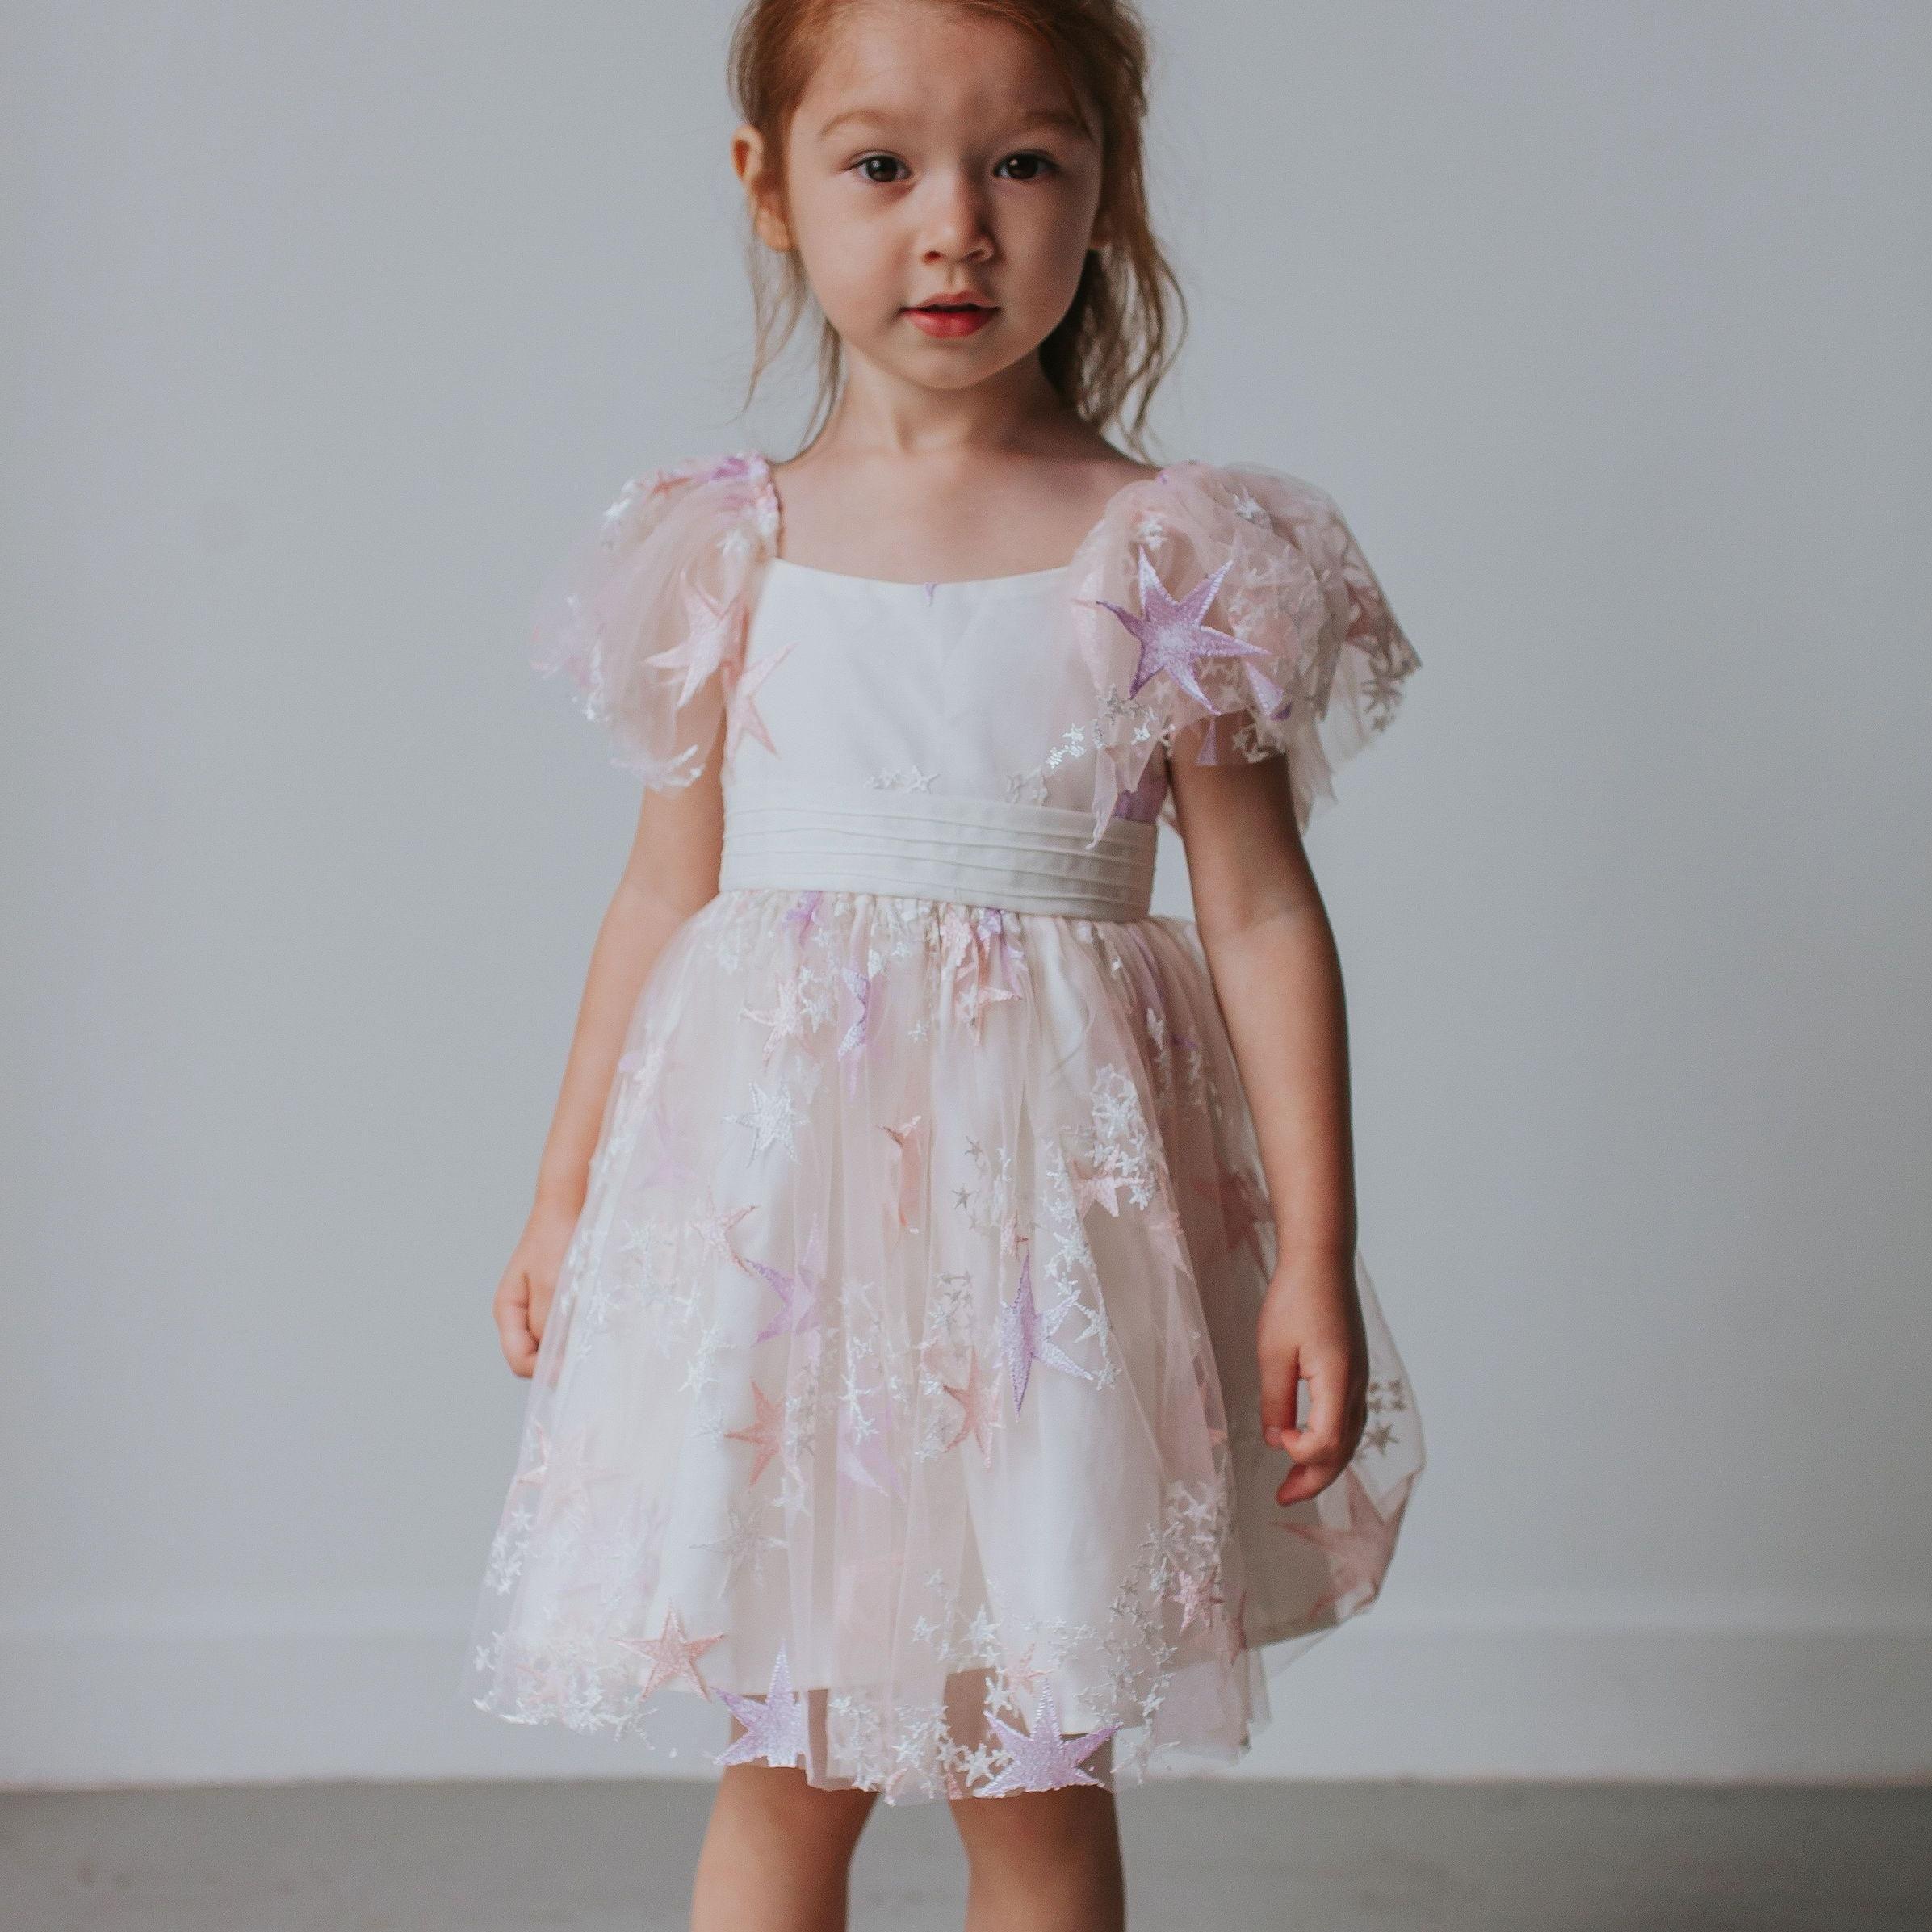 Little Girl's Pink Tulle Star Dress Dresses, Cute flower